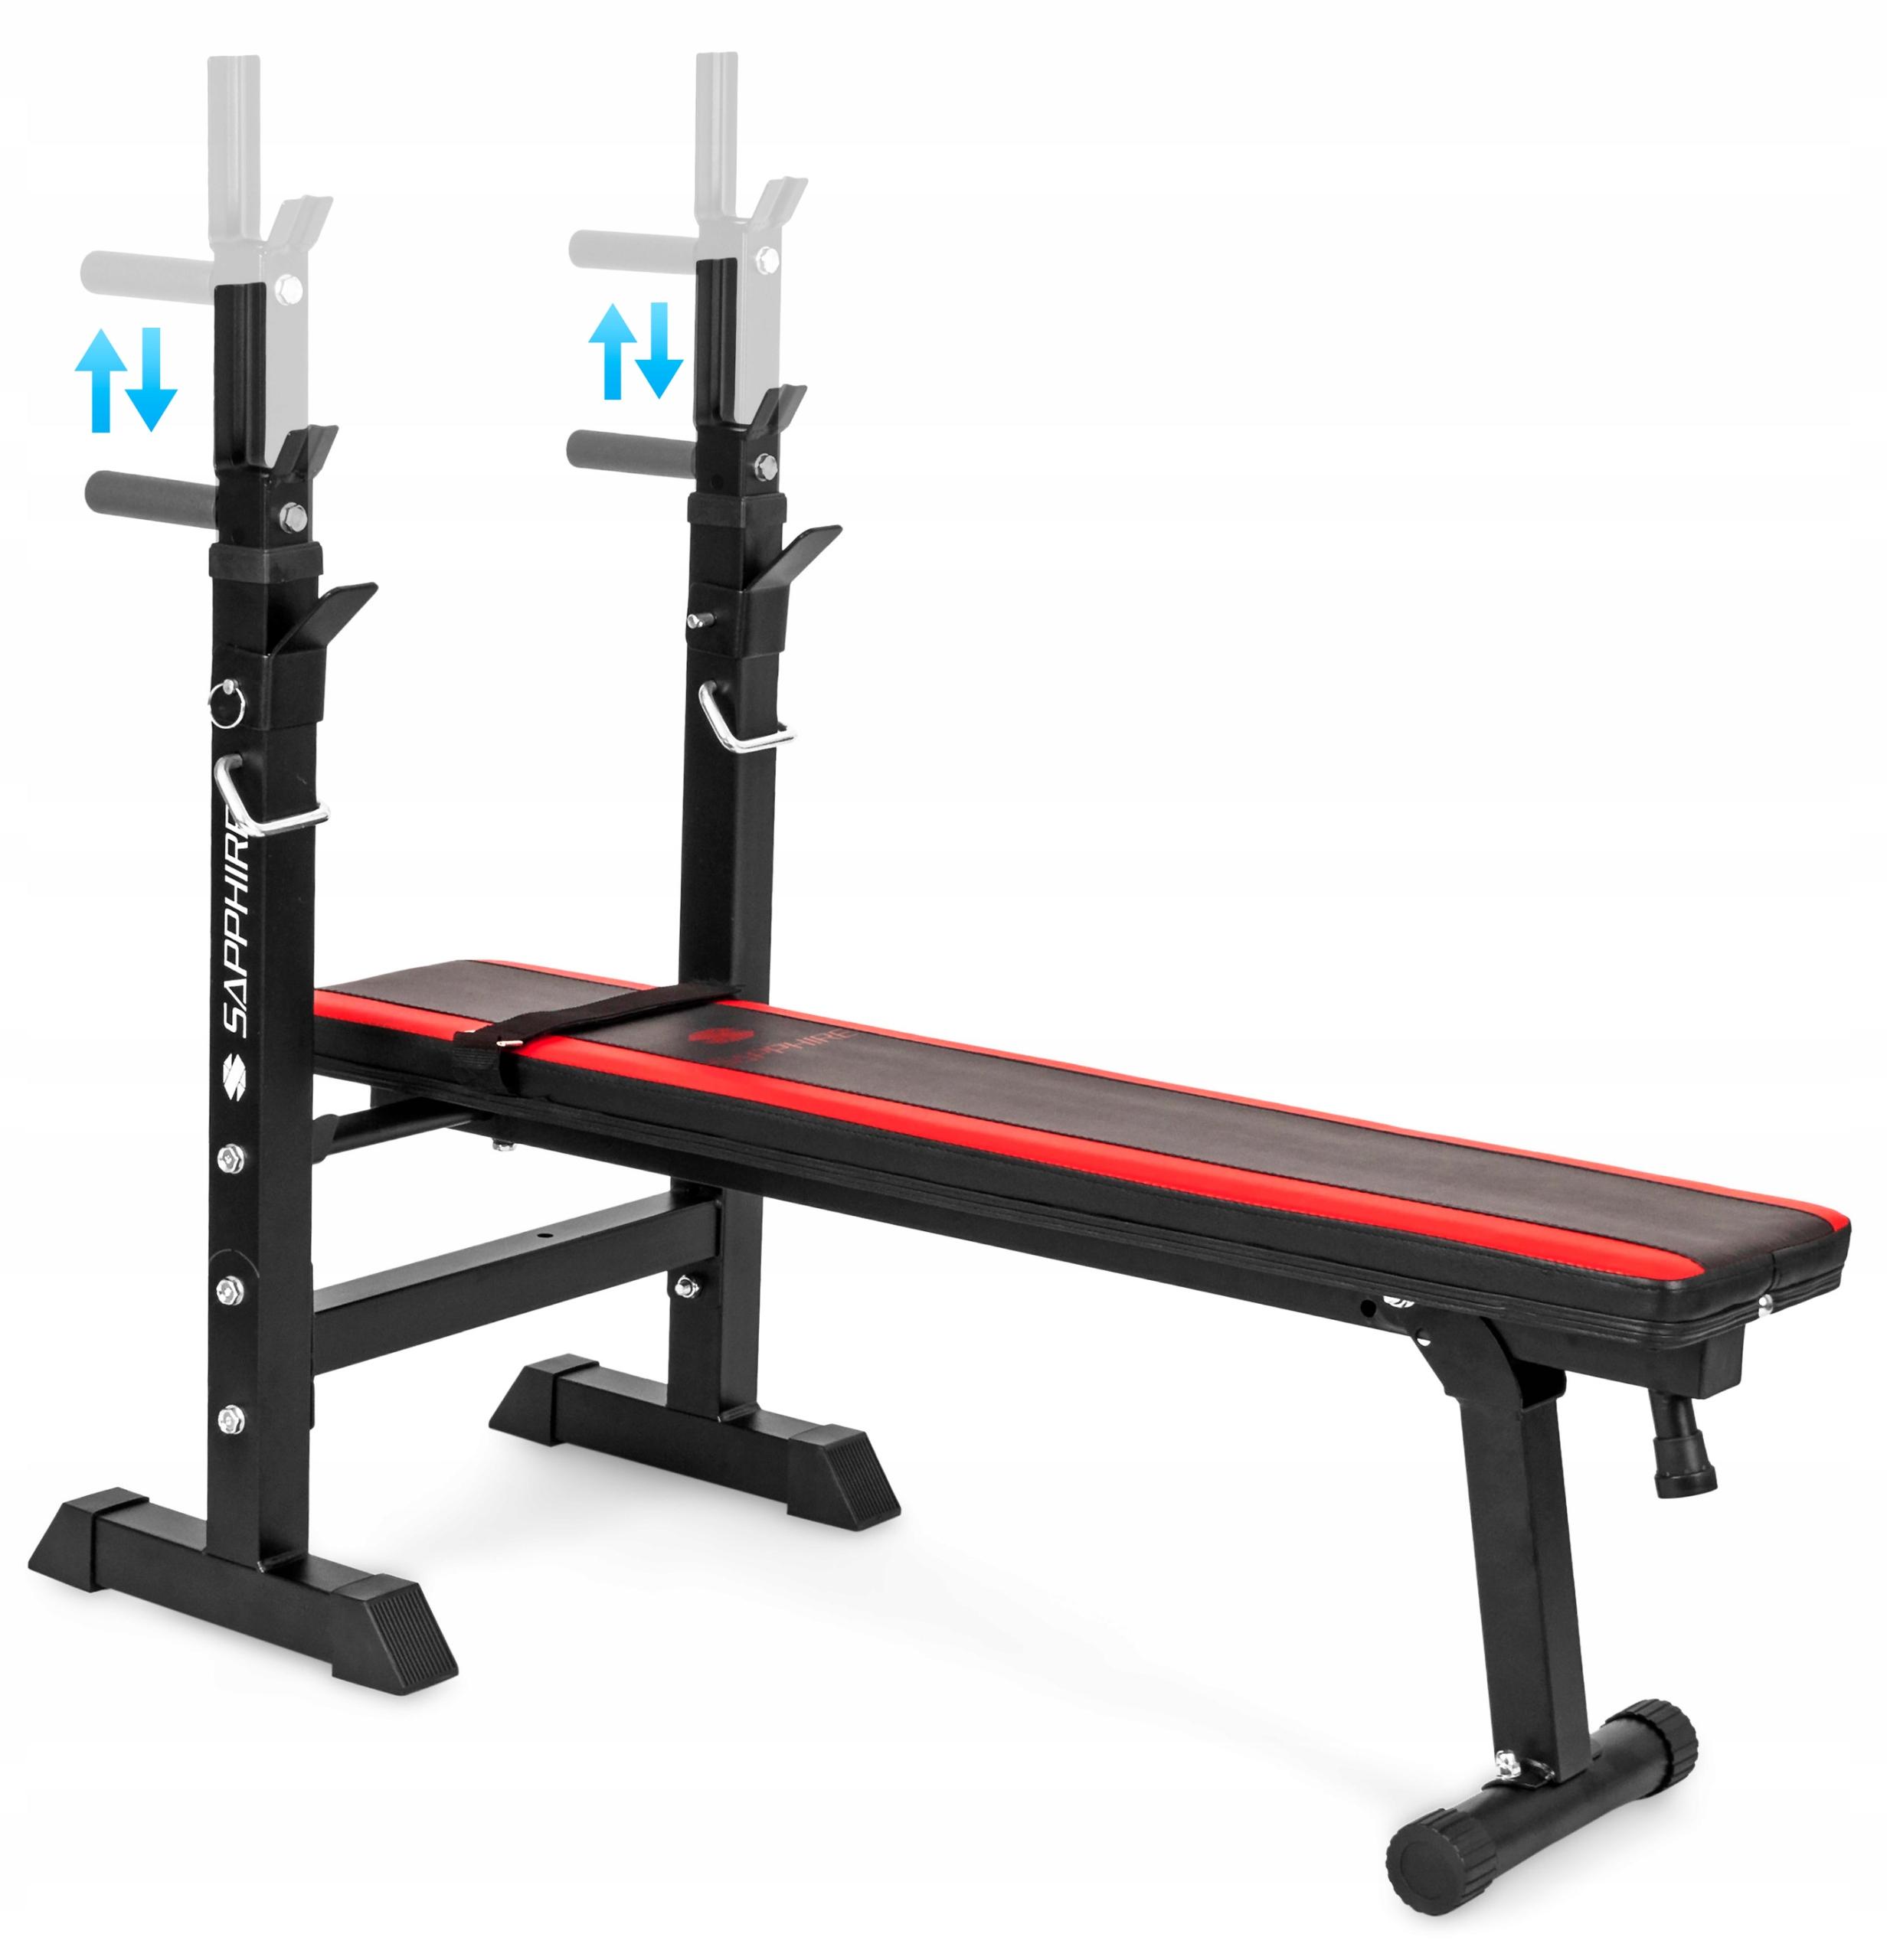 XYLO siłownia 36 kg zestaw ŁAWKA+GRYFY+OBCIĄŻENIA Elementy zestawu gryf krótki ławka regulowana talerze/obciążenia